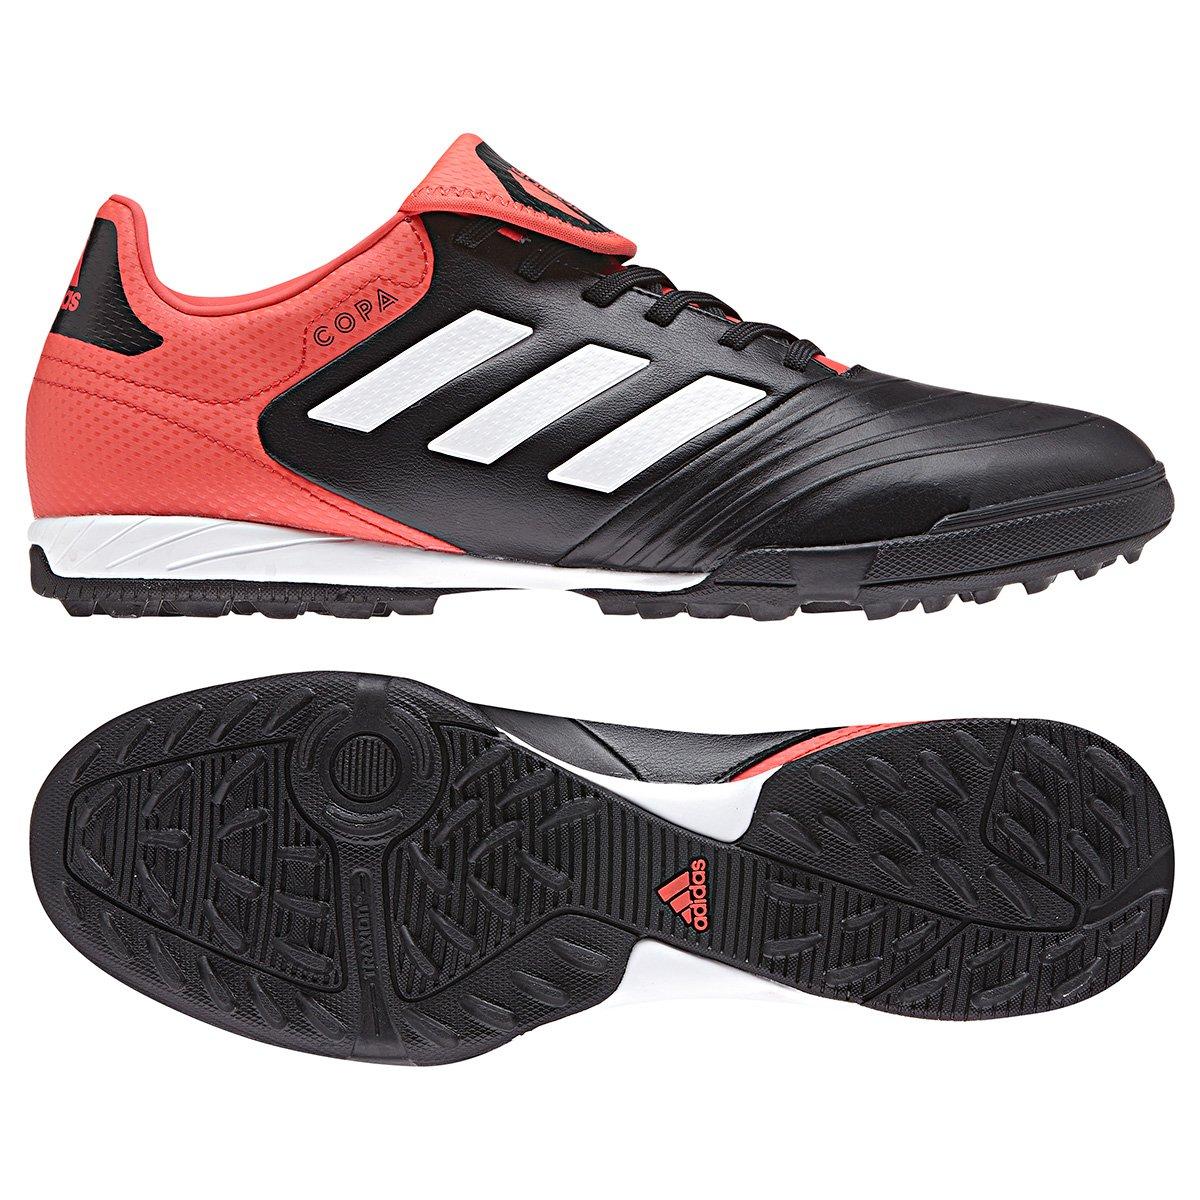 4cfab3e3e2 Chuteira Society Adidas Copa 18.3 TF - Preto e Vermelho - Compre ...